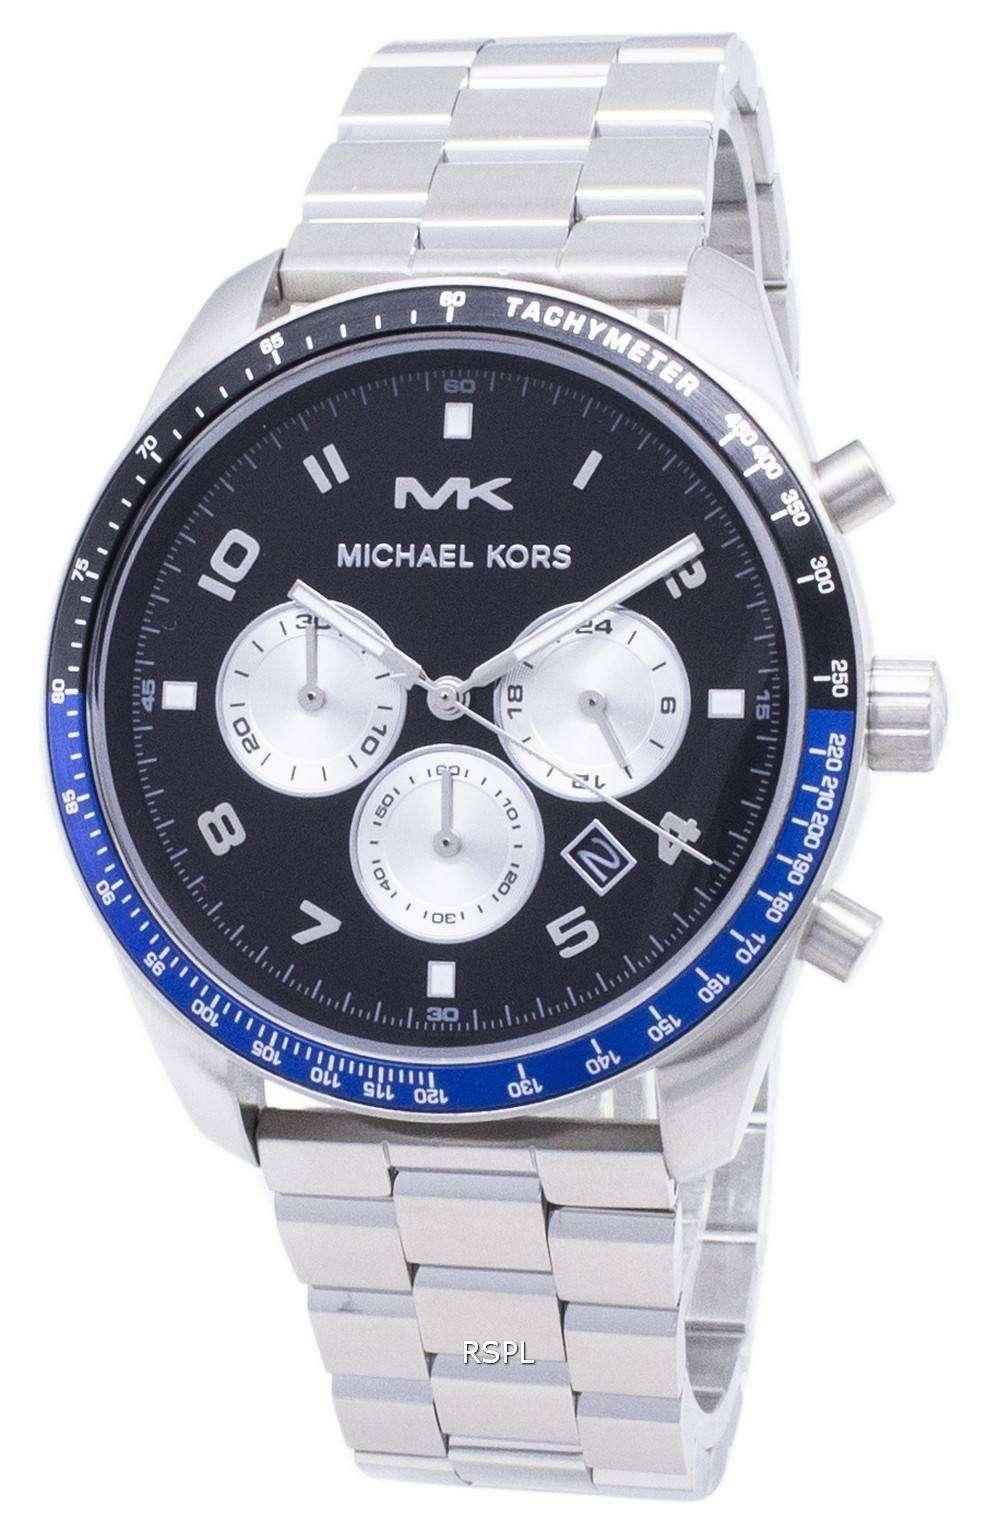 마이클에 스 케 톤 MK8682 크로 노 그래프 남성용 손목시계